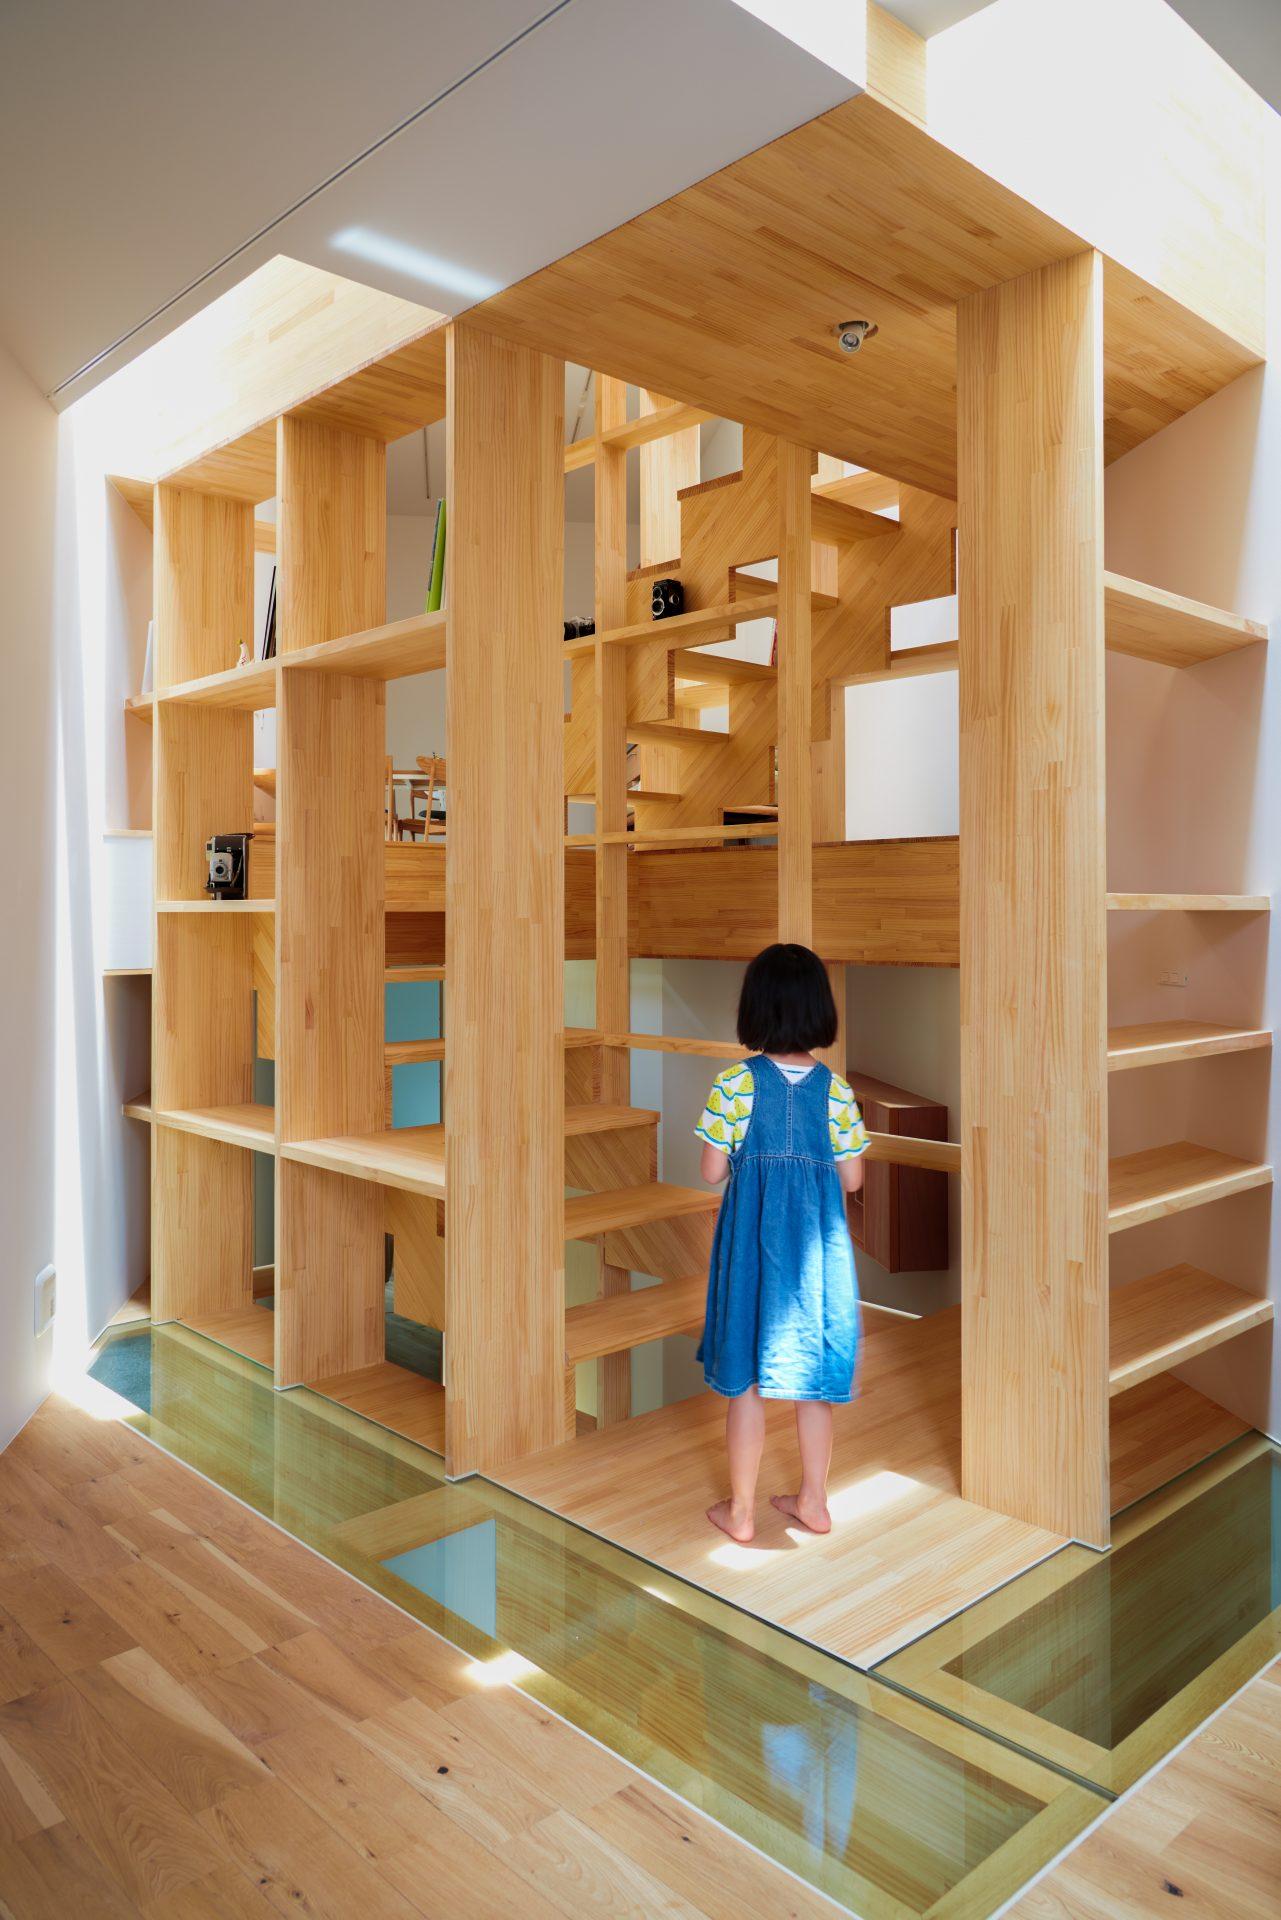 大阪帝塚山の家の階段03